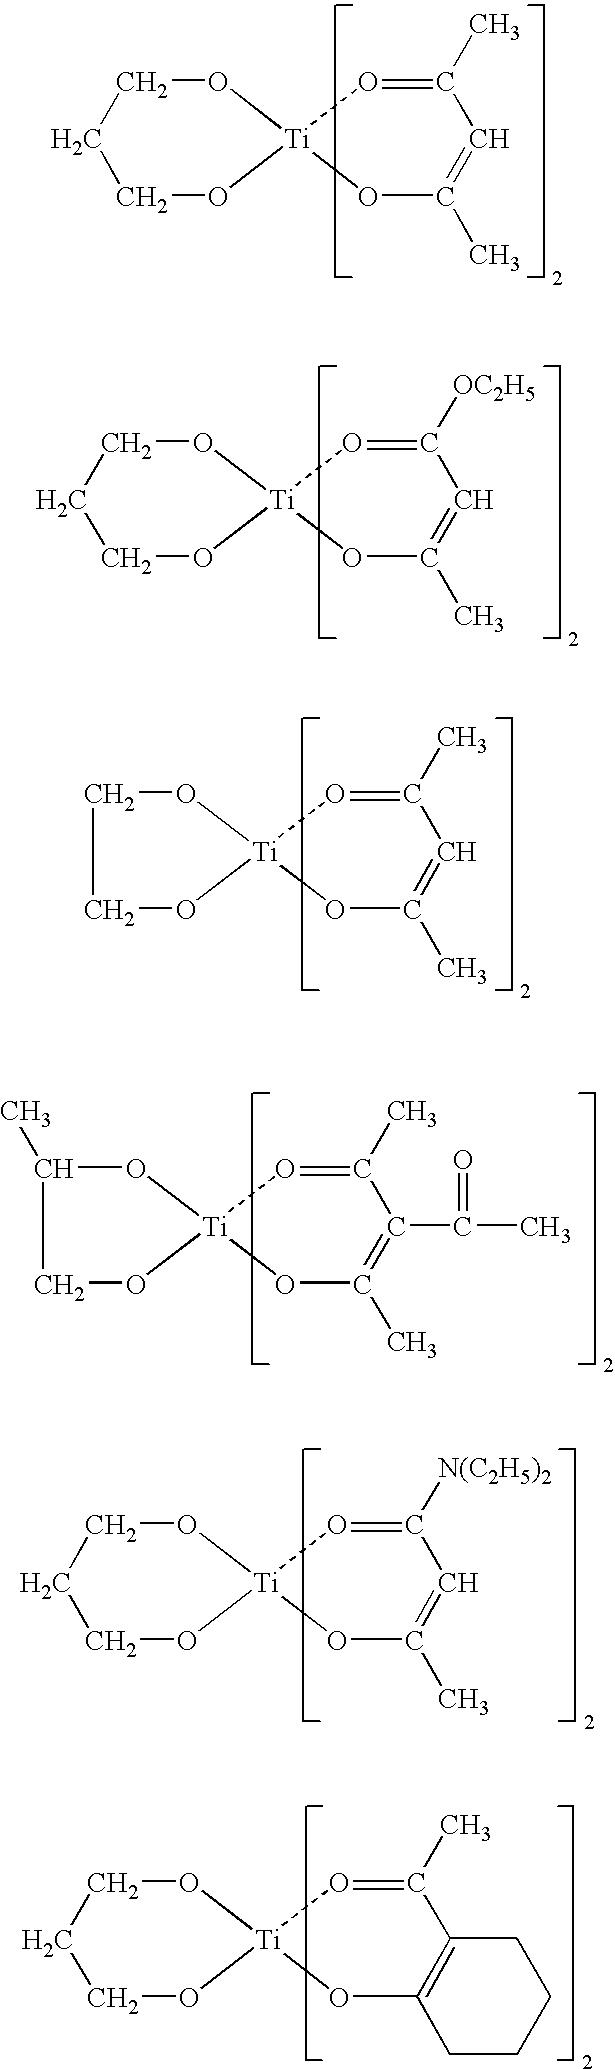 Figure US06784241-20040831-C00003